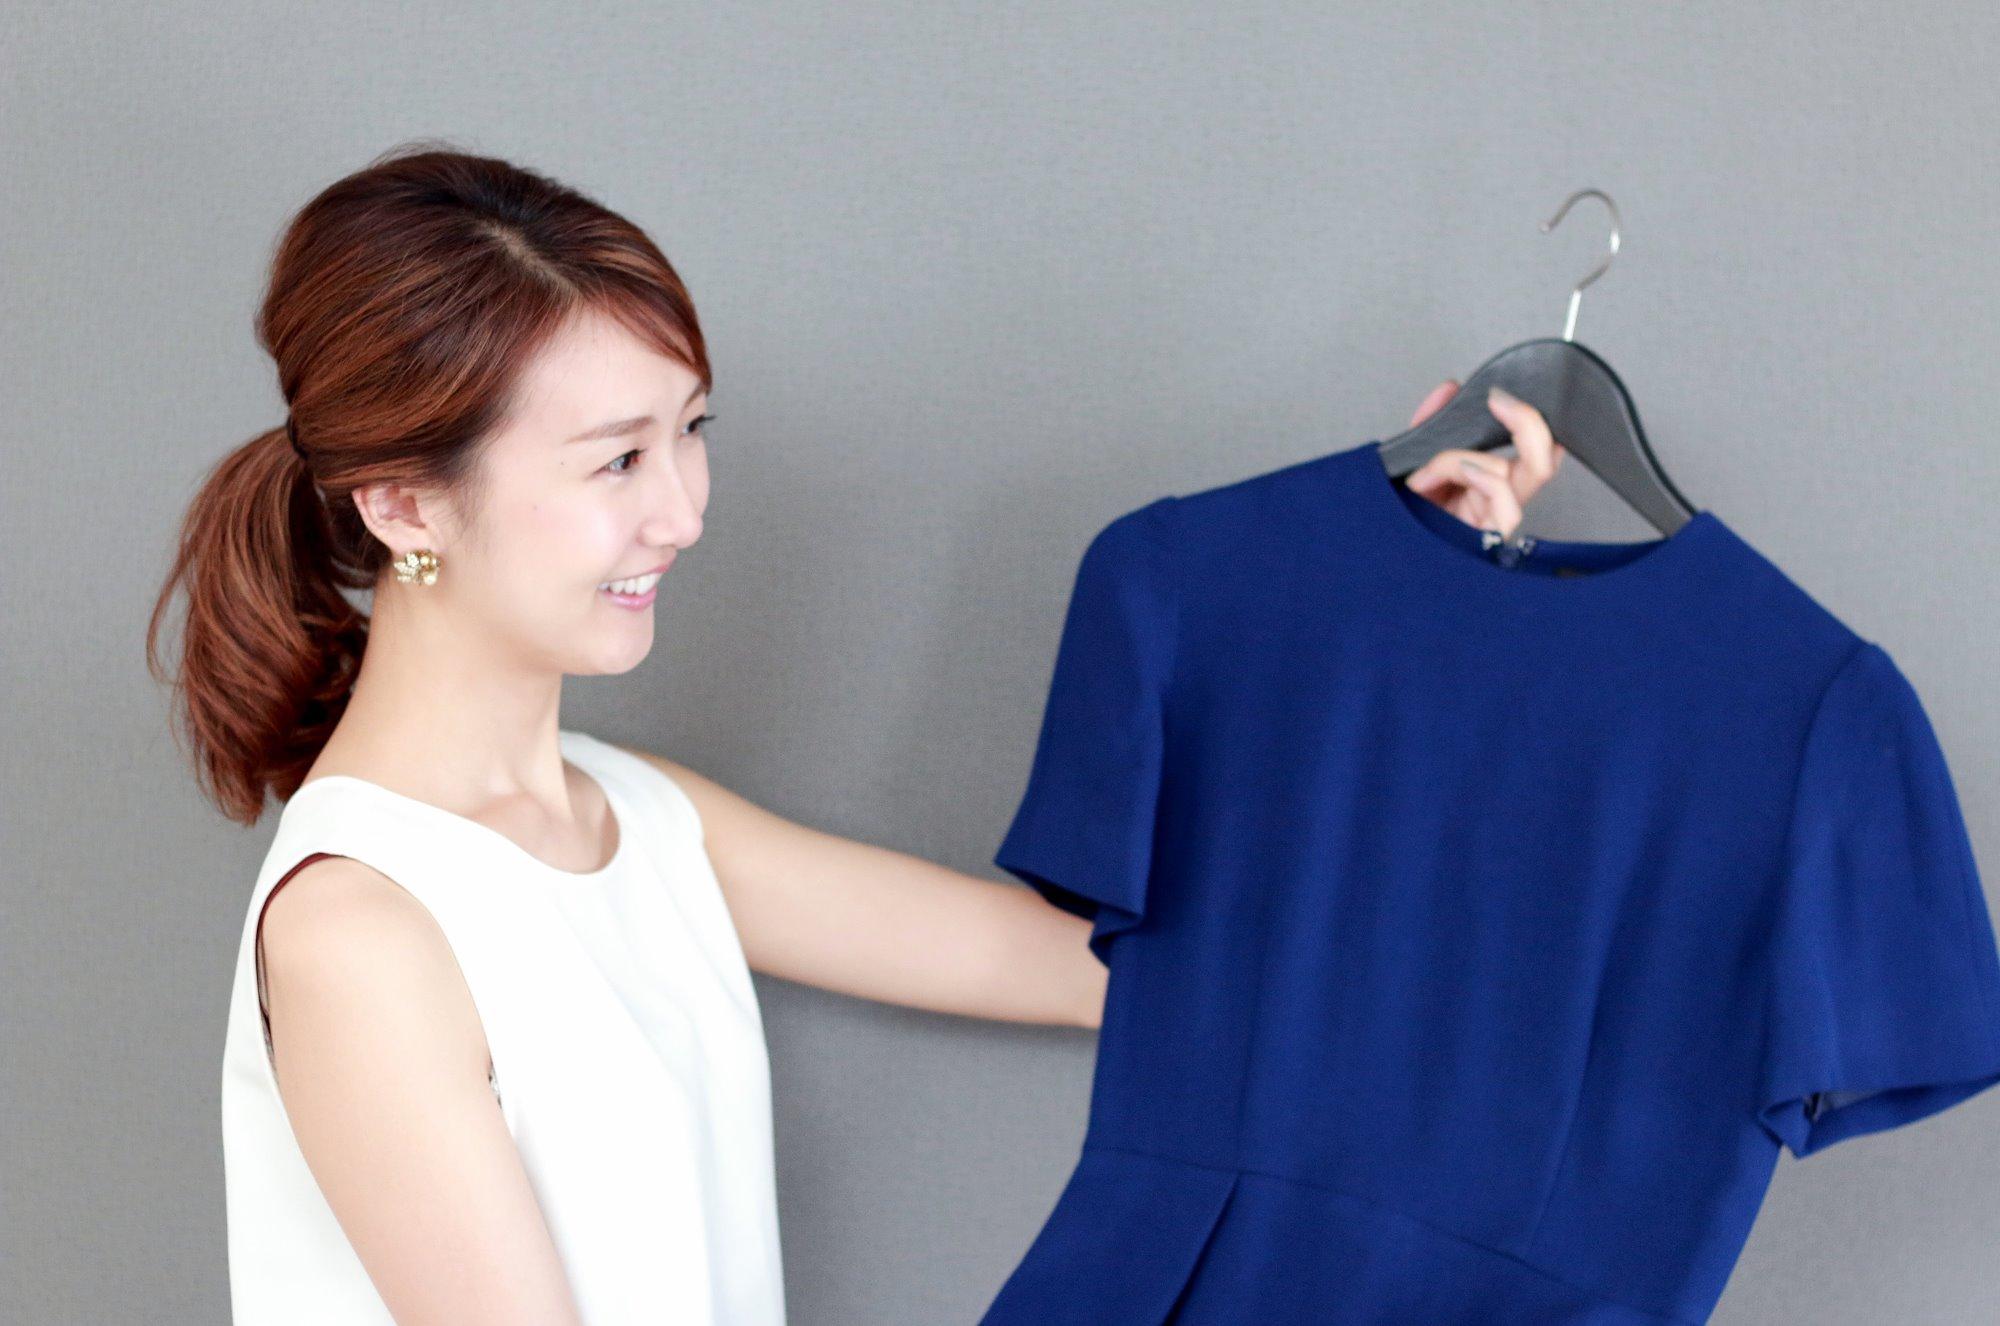 【HDC大阪 くらし向上計画】骨格タイプ別 大人のためのファッションアドバイス